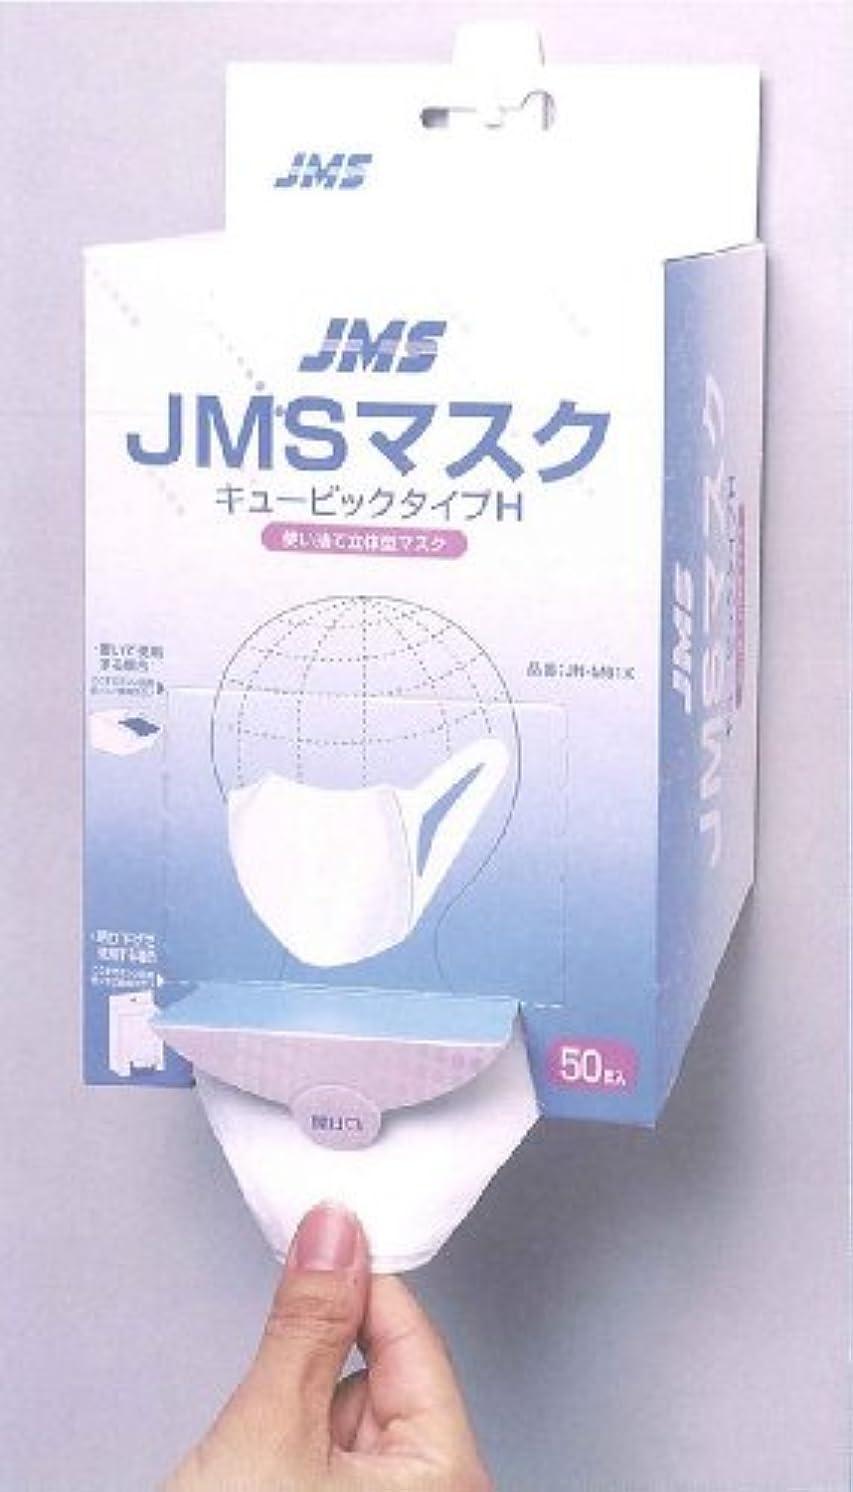 インチ姿勢屋内JMSマスク キュービックタイプH JN-M61X